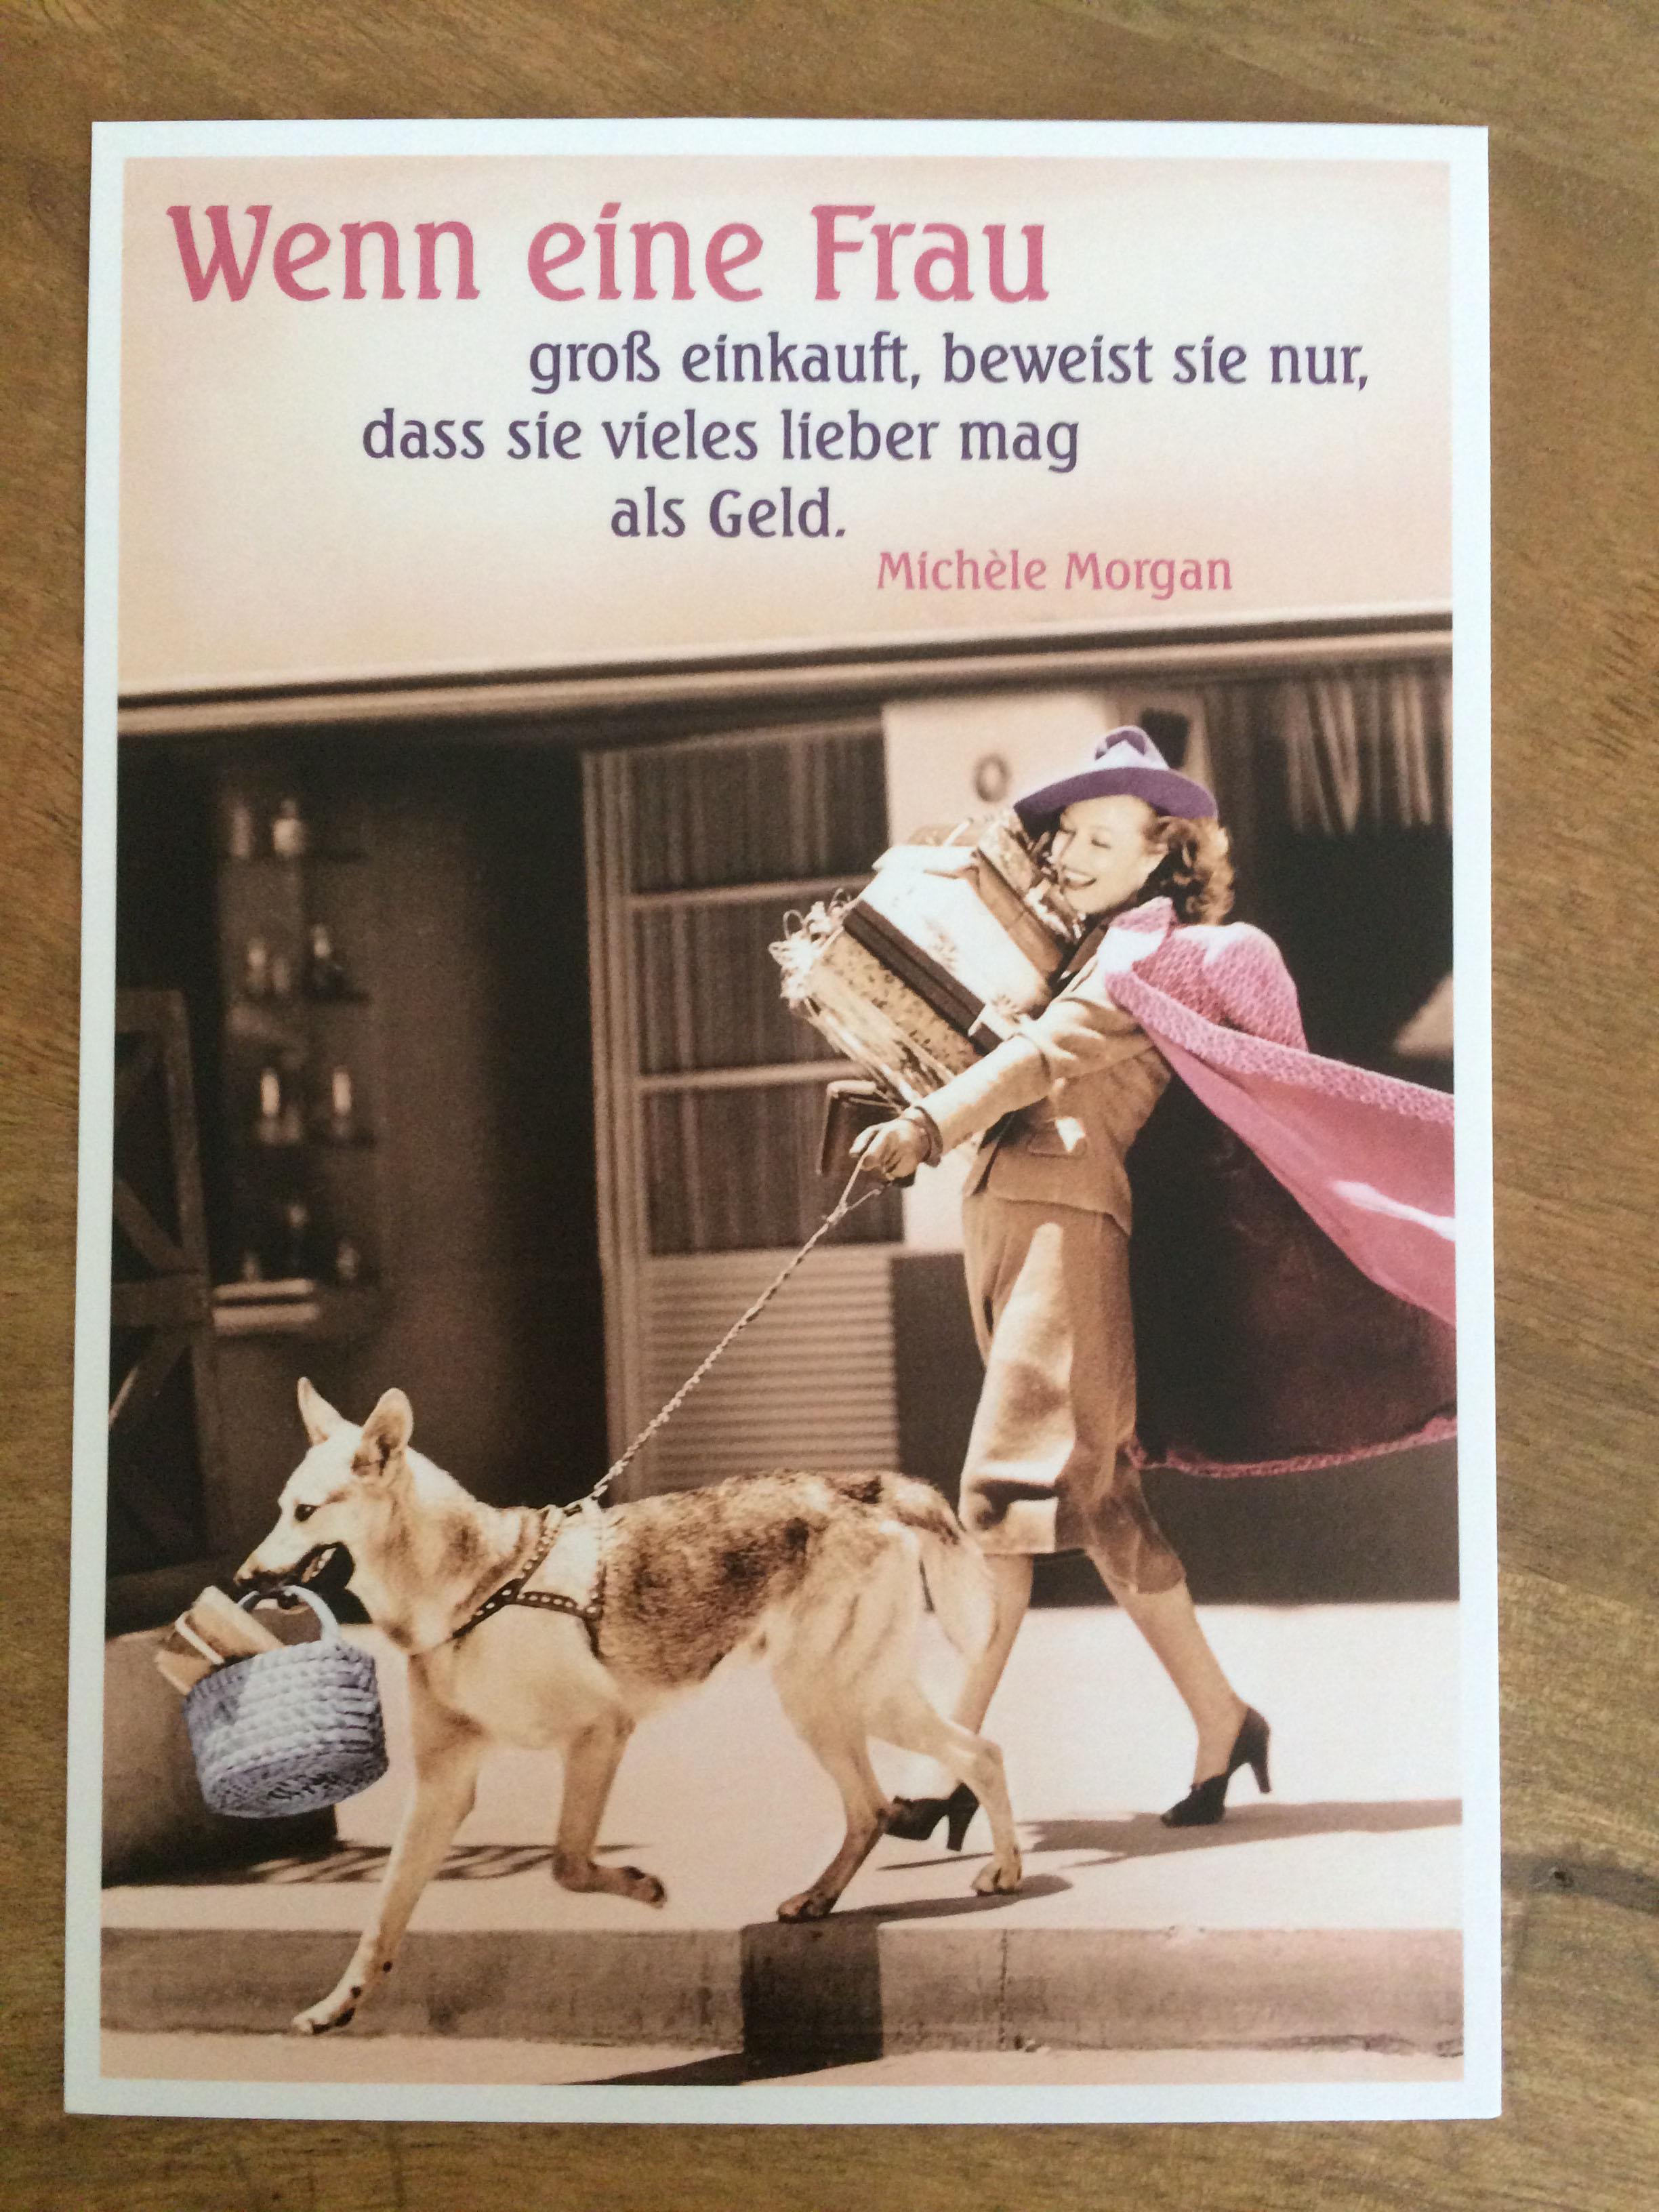 Postkarte Karte Wenn eine Frau groß einkauft beweist sie nur dass sie vieles lieber mag als Geld.